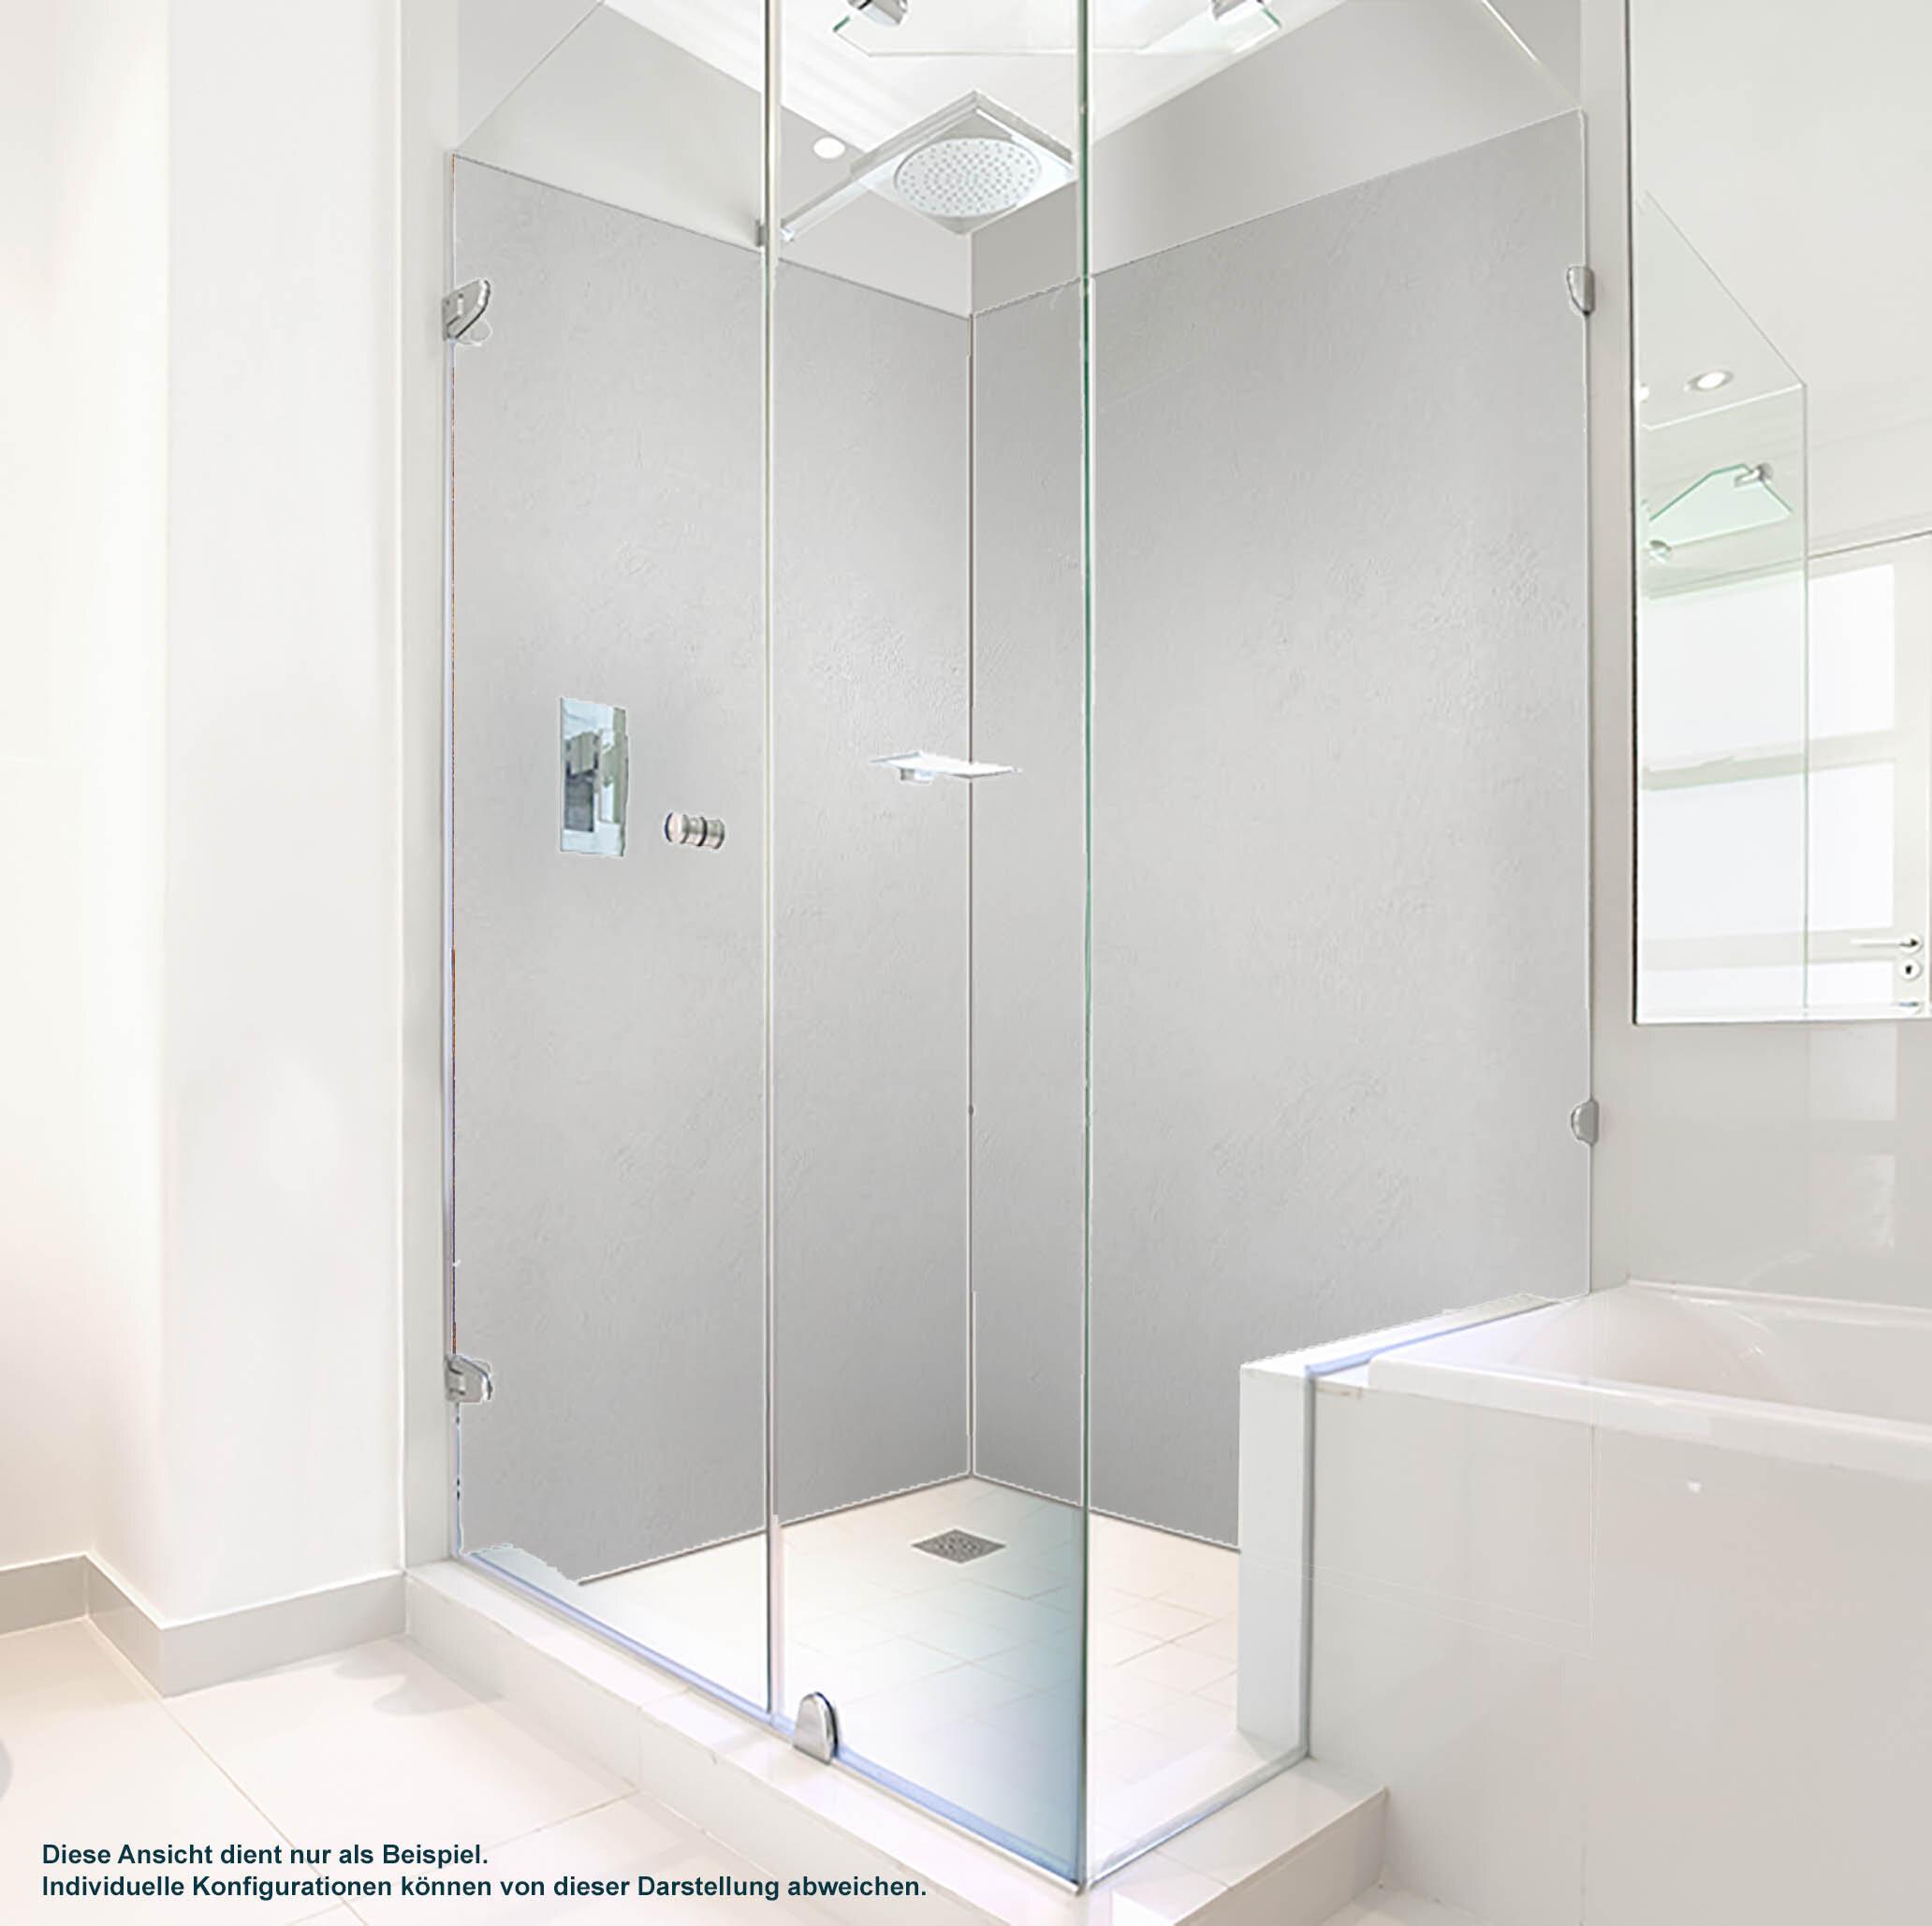 Dusche PlateART Duschrückwand mit Motiv weißer Putz